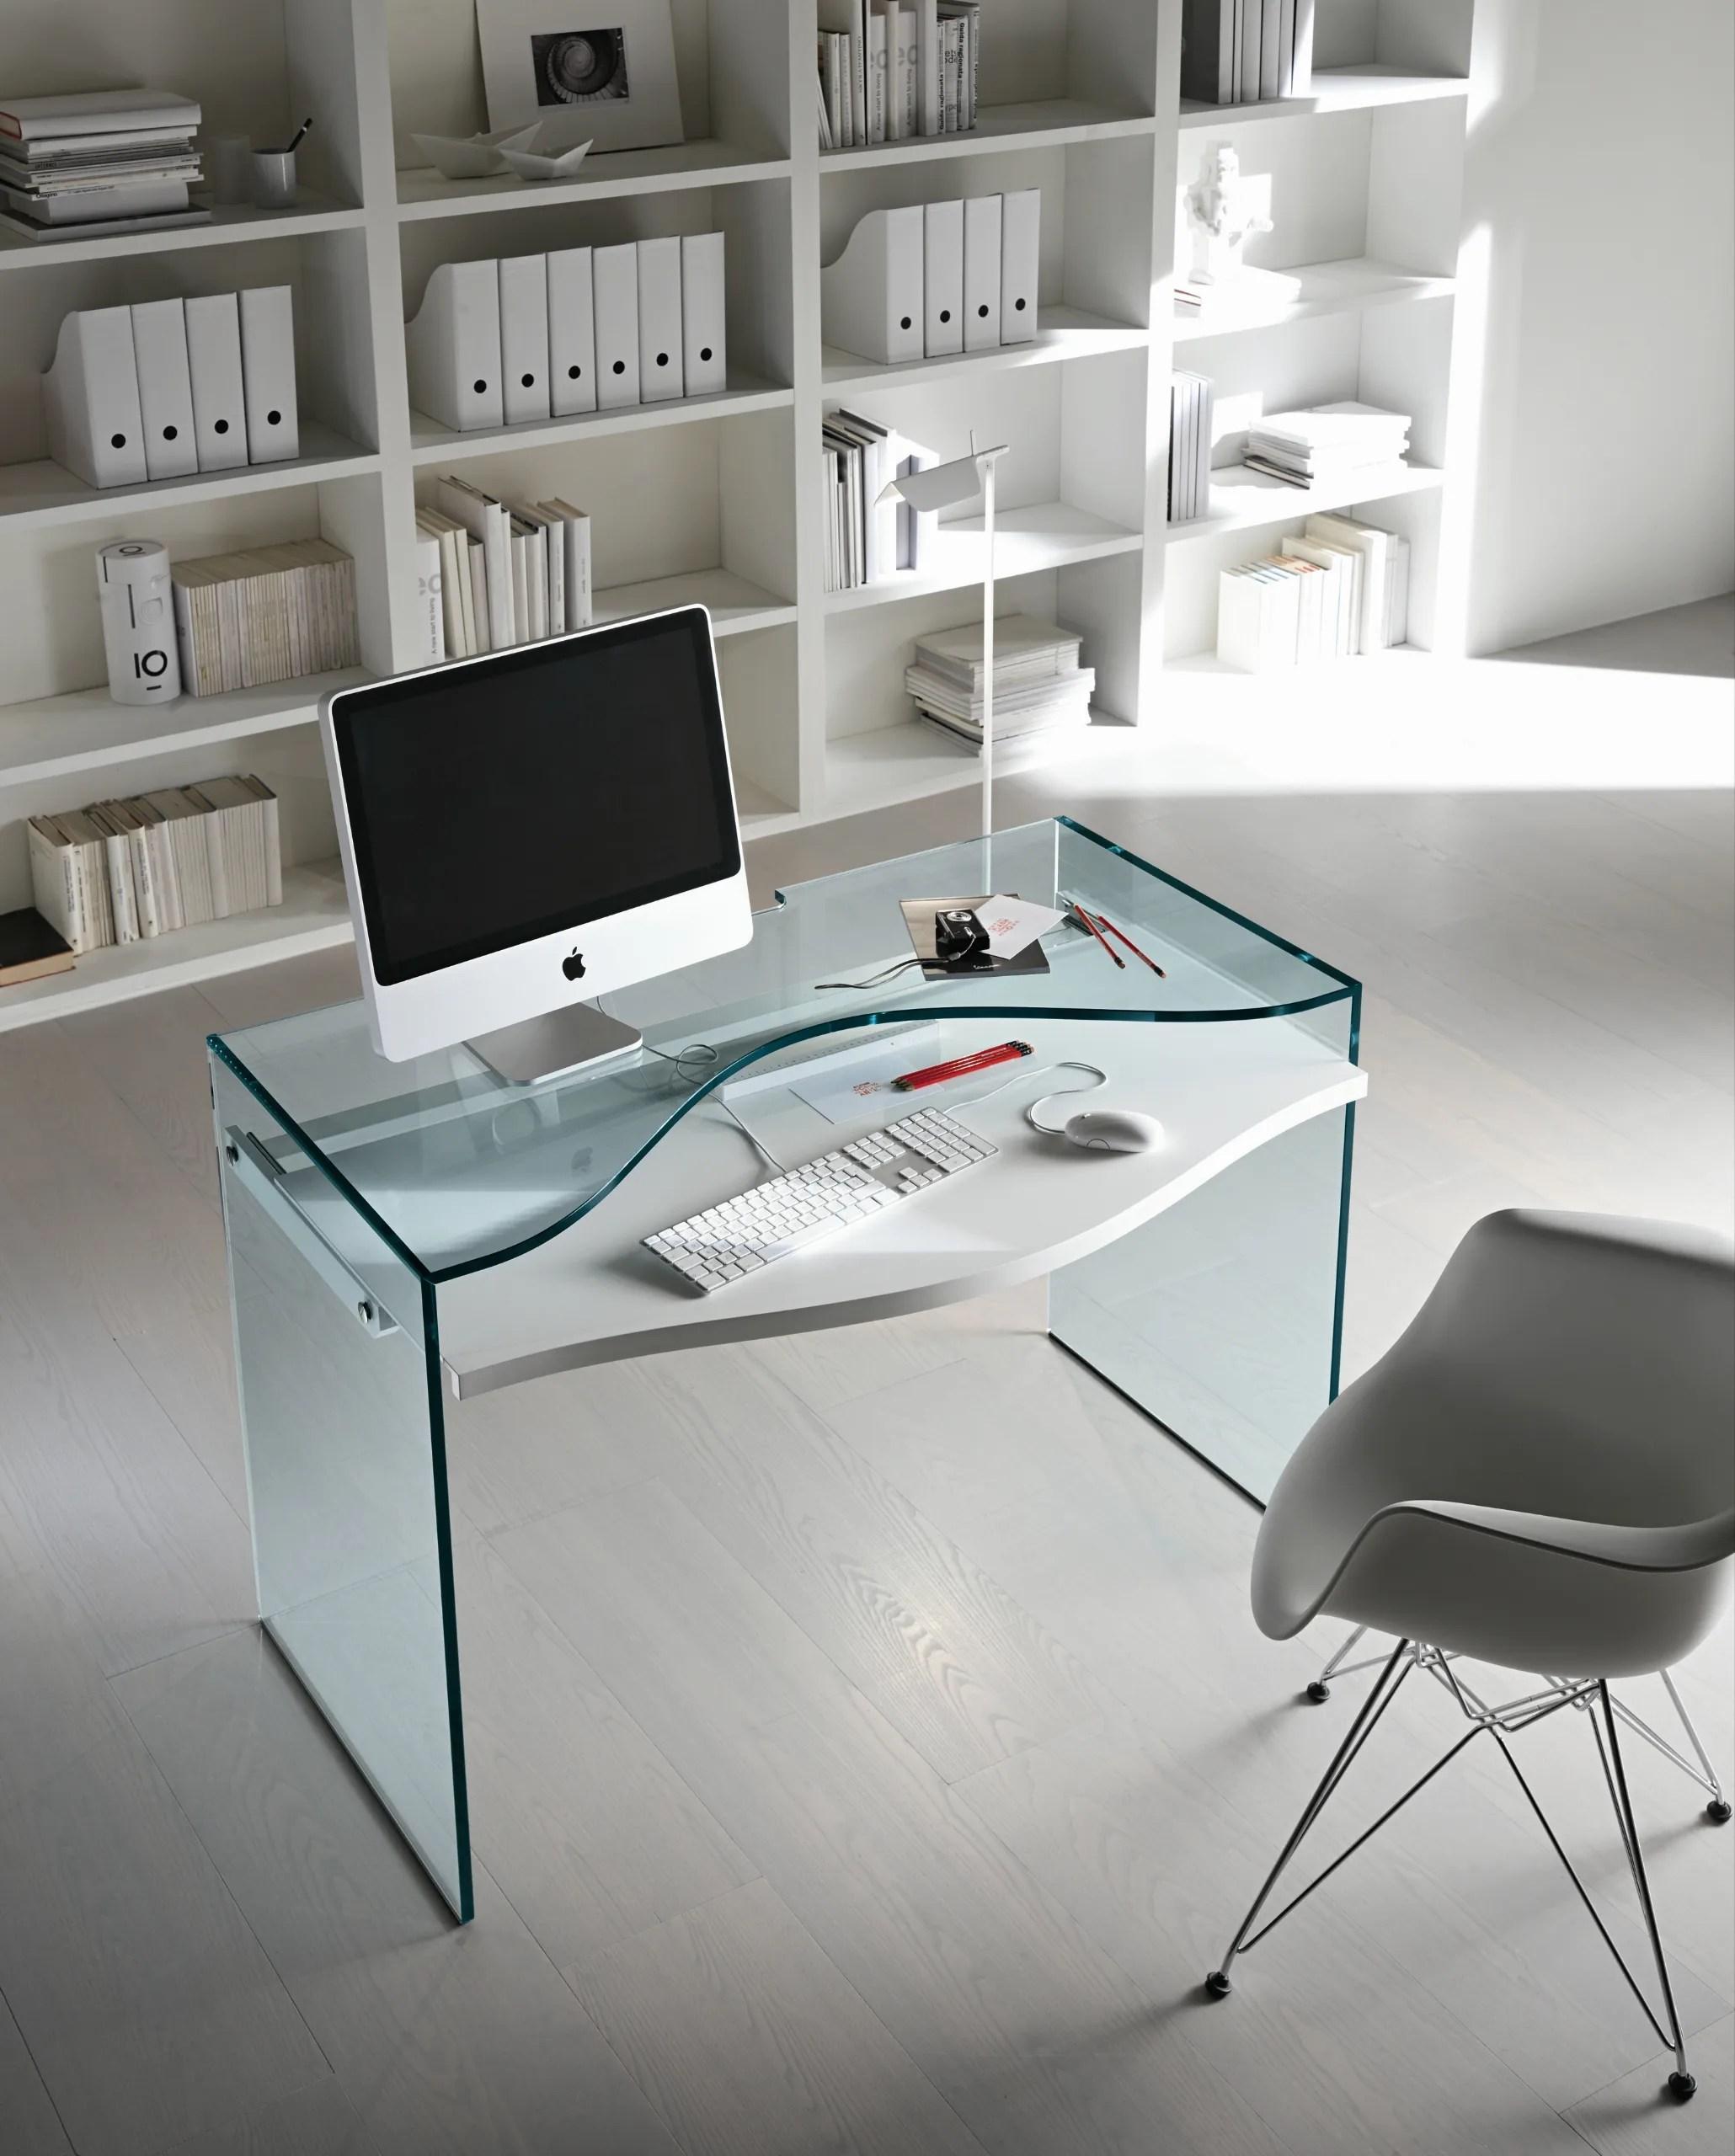 Secretria de vidro para PC STRATA by TD Tonelli Design